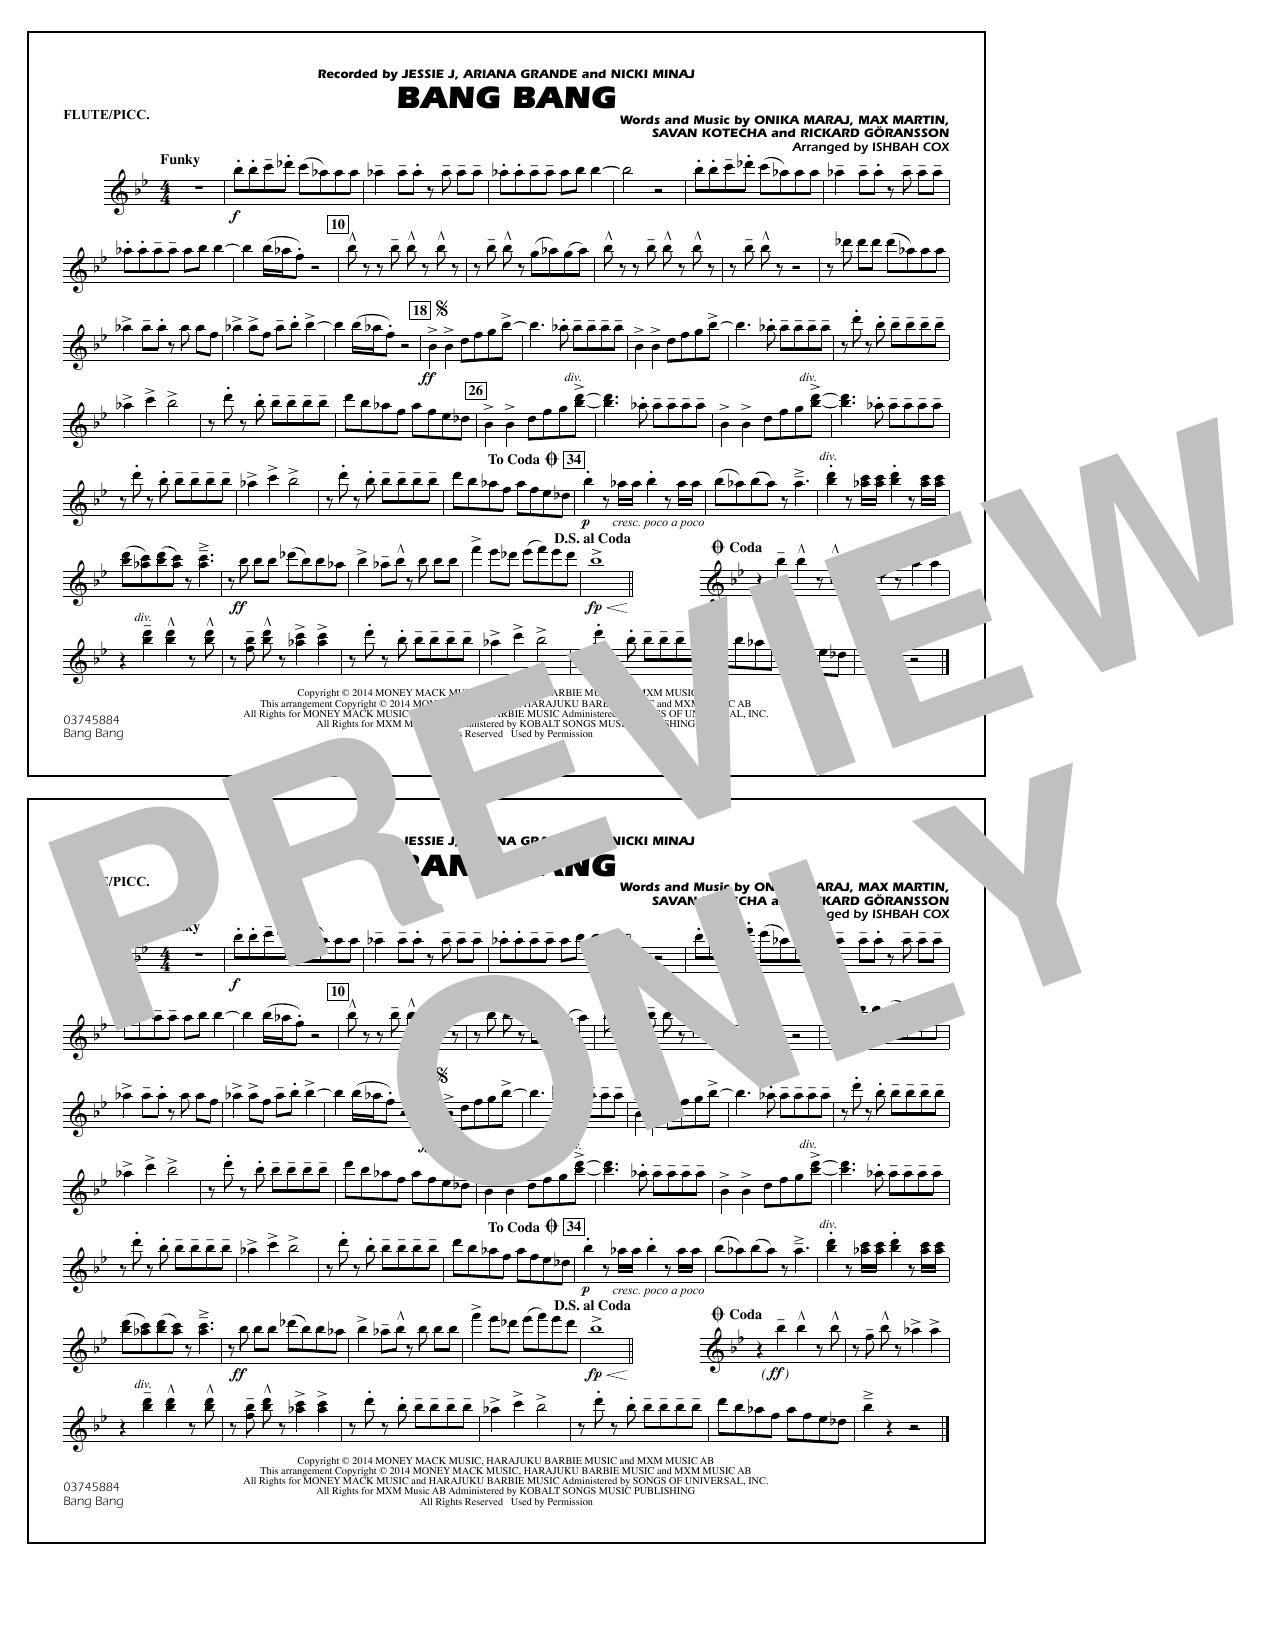 Ishbah Cox Bang Bang - Flute/Piccolo sheet music notes and chords. Download Printable PDF.